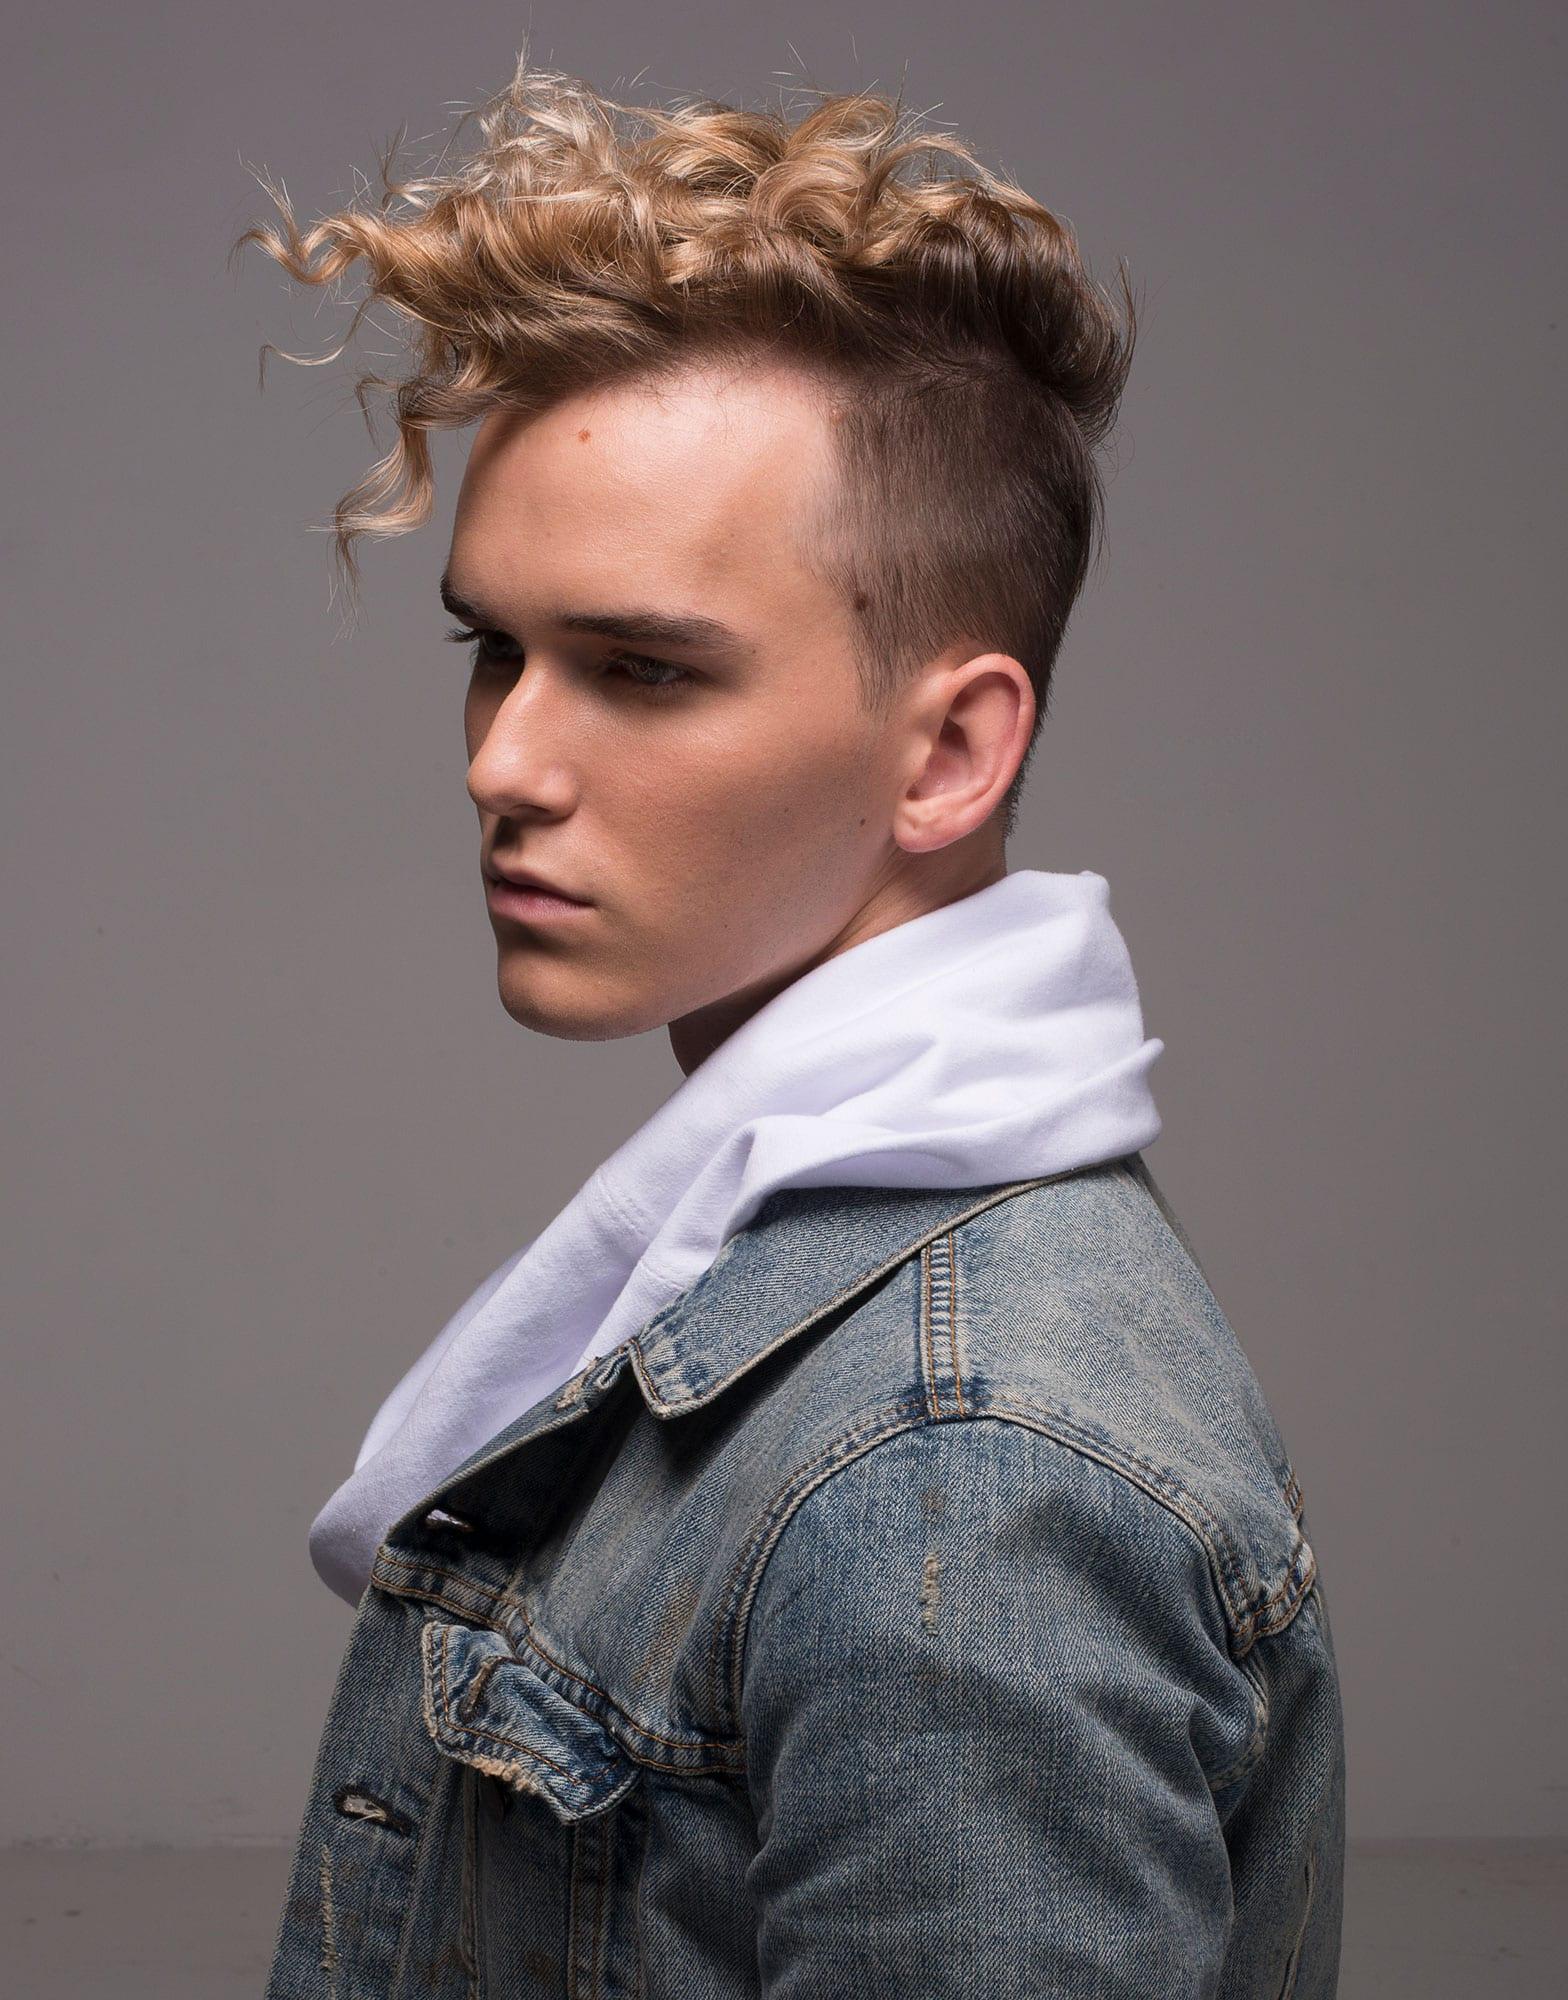 A man after getting his hair cut at a hair salon in Denver, CO